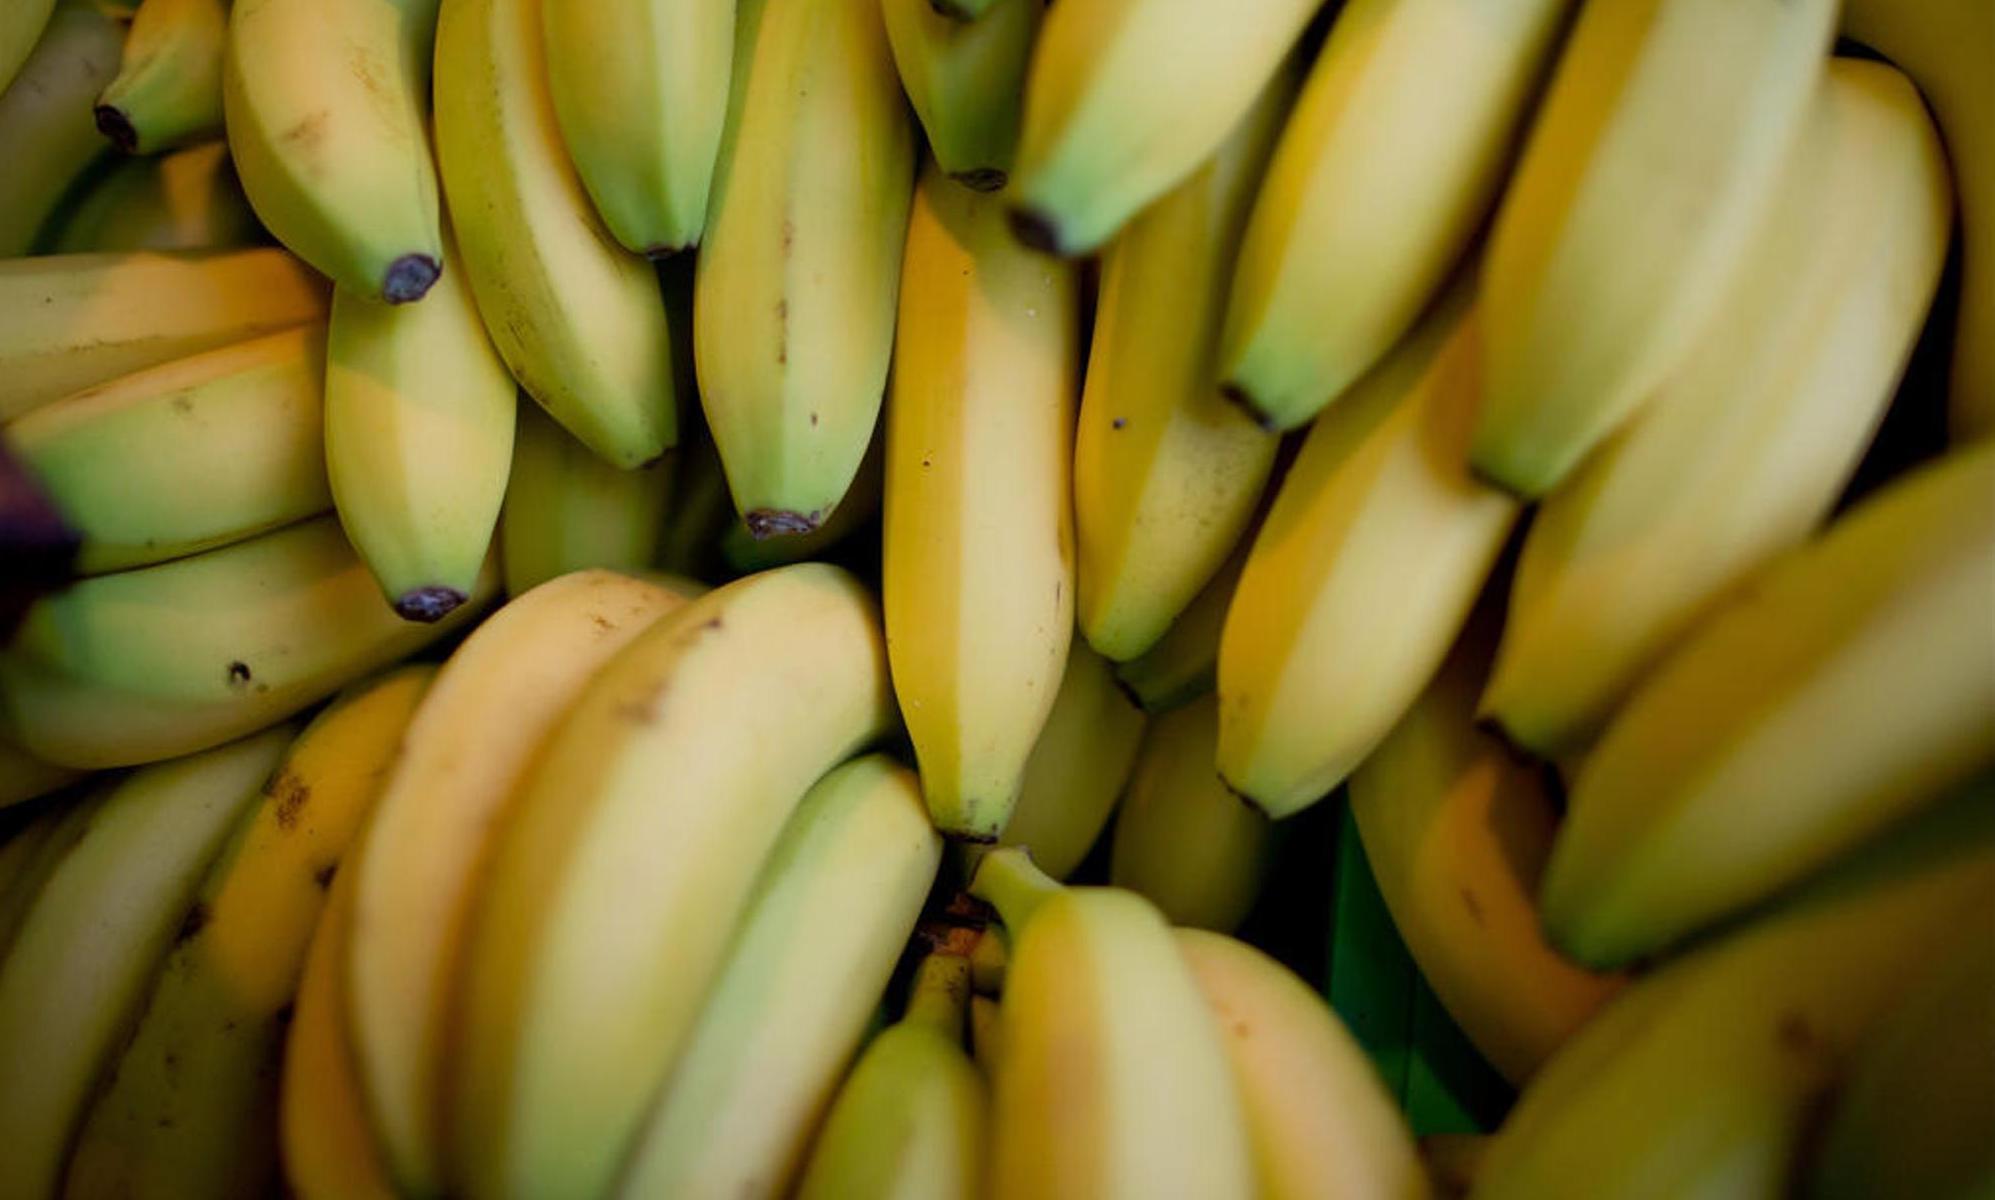 Das gleiche Problem bei Bananen: Die Früchte wachsen nur in Regionen mit tropischem Klima und werden aus Ländern wie Costa Rica, Mexiko oder Panama importiert. Daniel Karmann